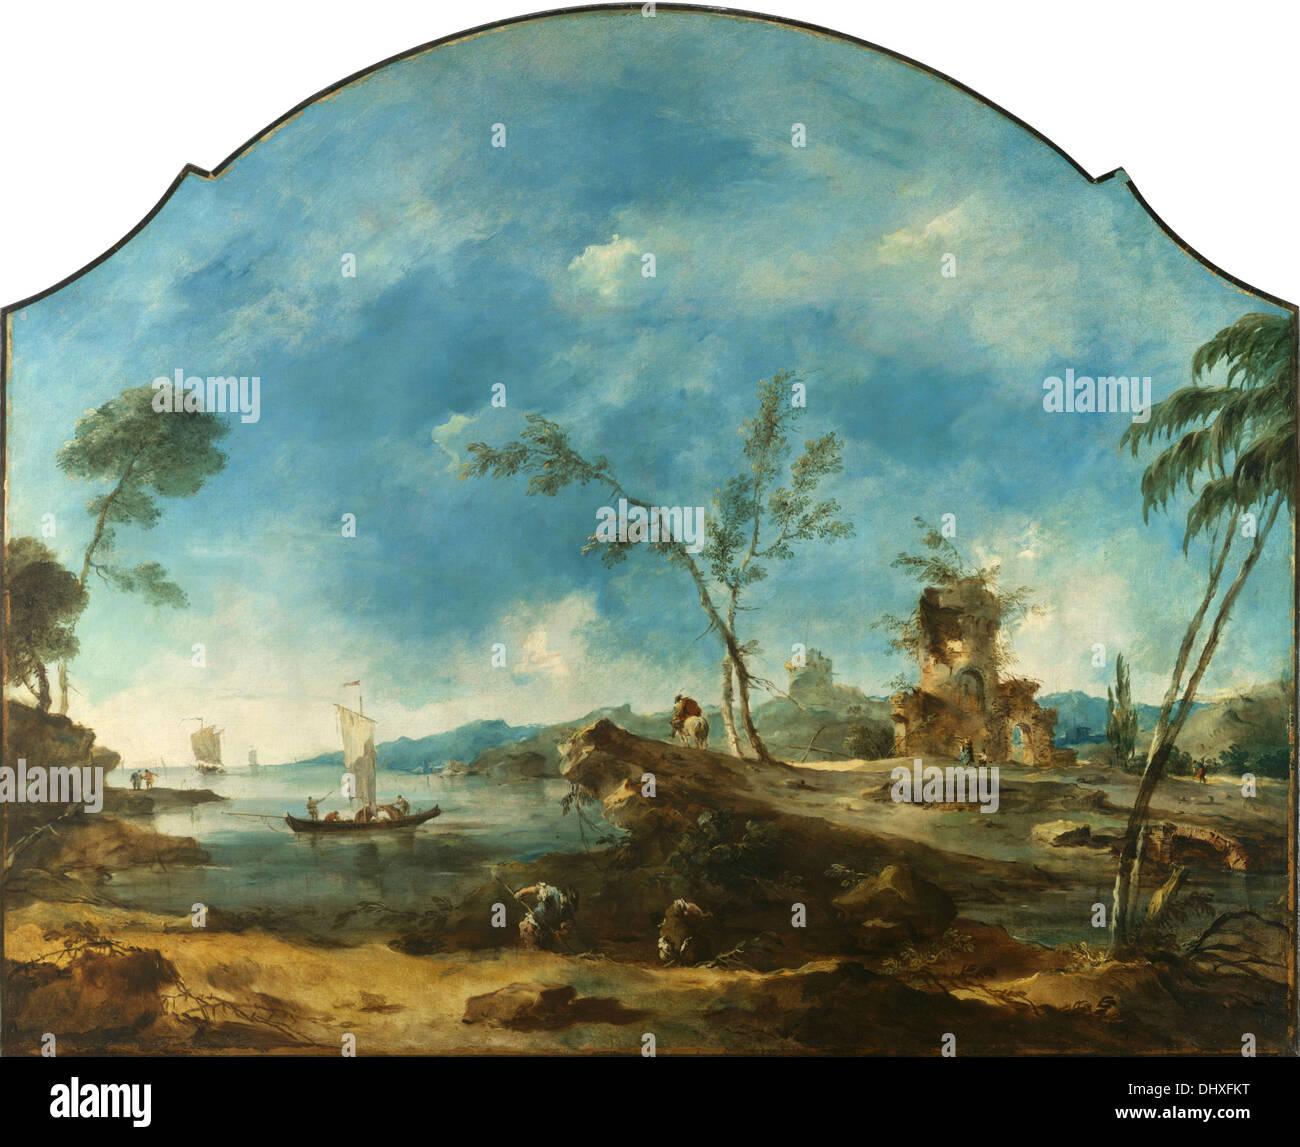 Paysage fantastique - par Francesco Guardi, 1765 Photo Stock